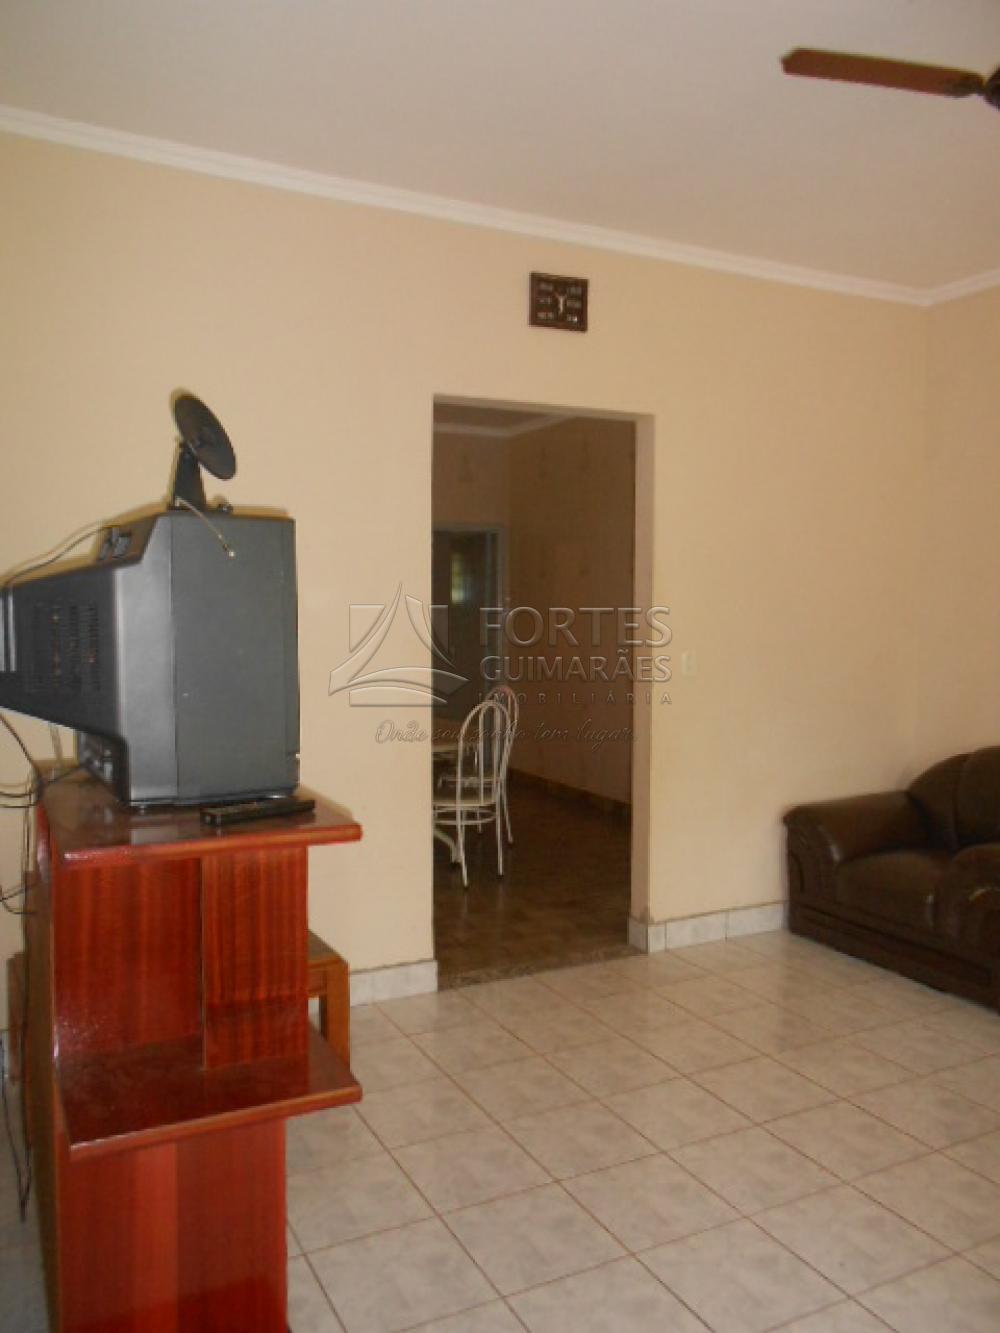 Alugar Casas / Condomínio em Jardinópolis apenas R$ 2.500,00 - Foto 8